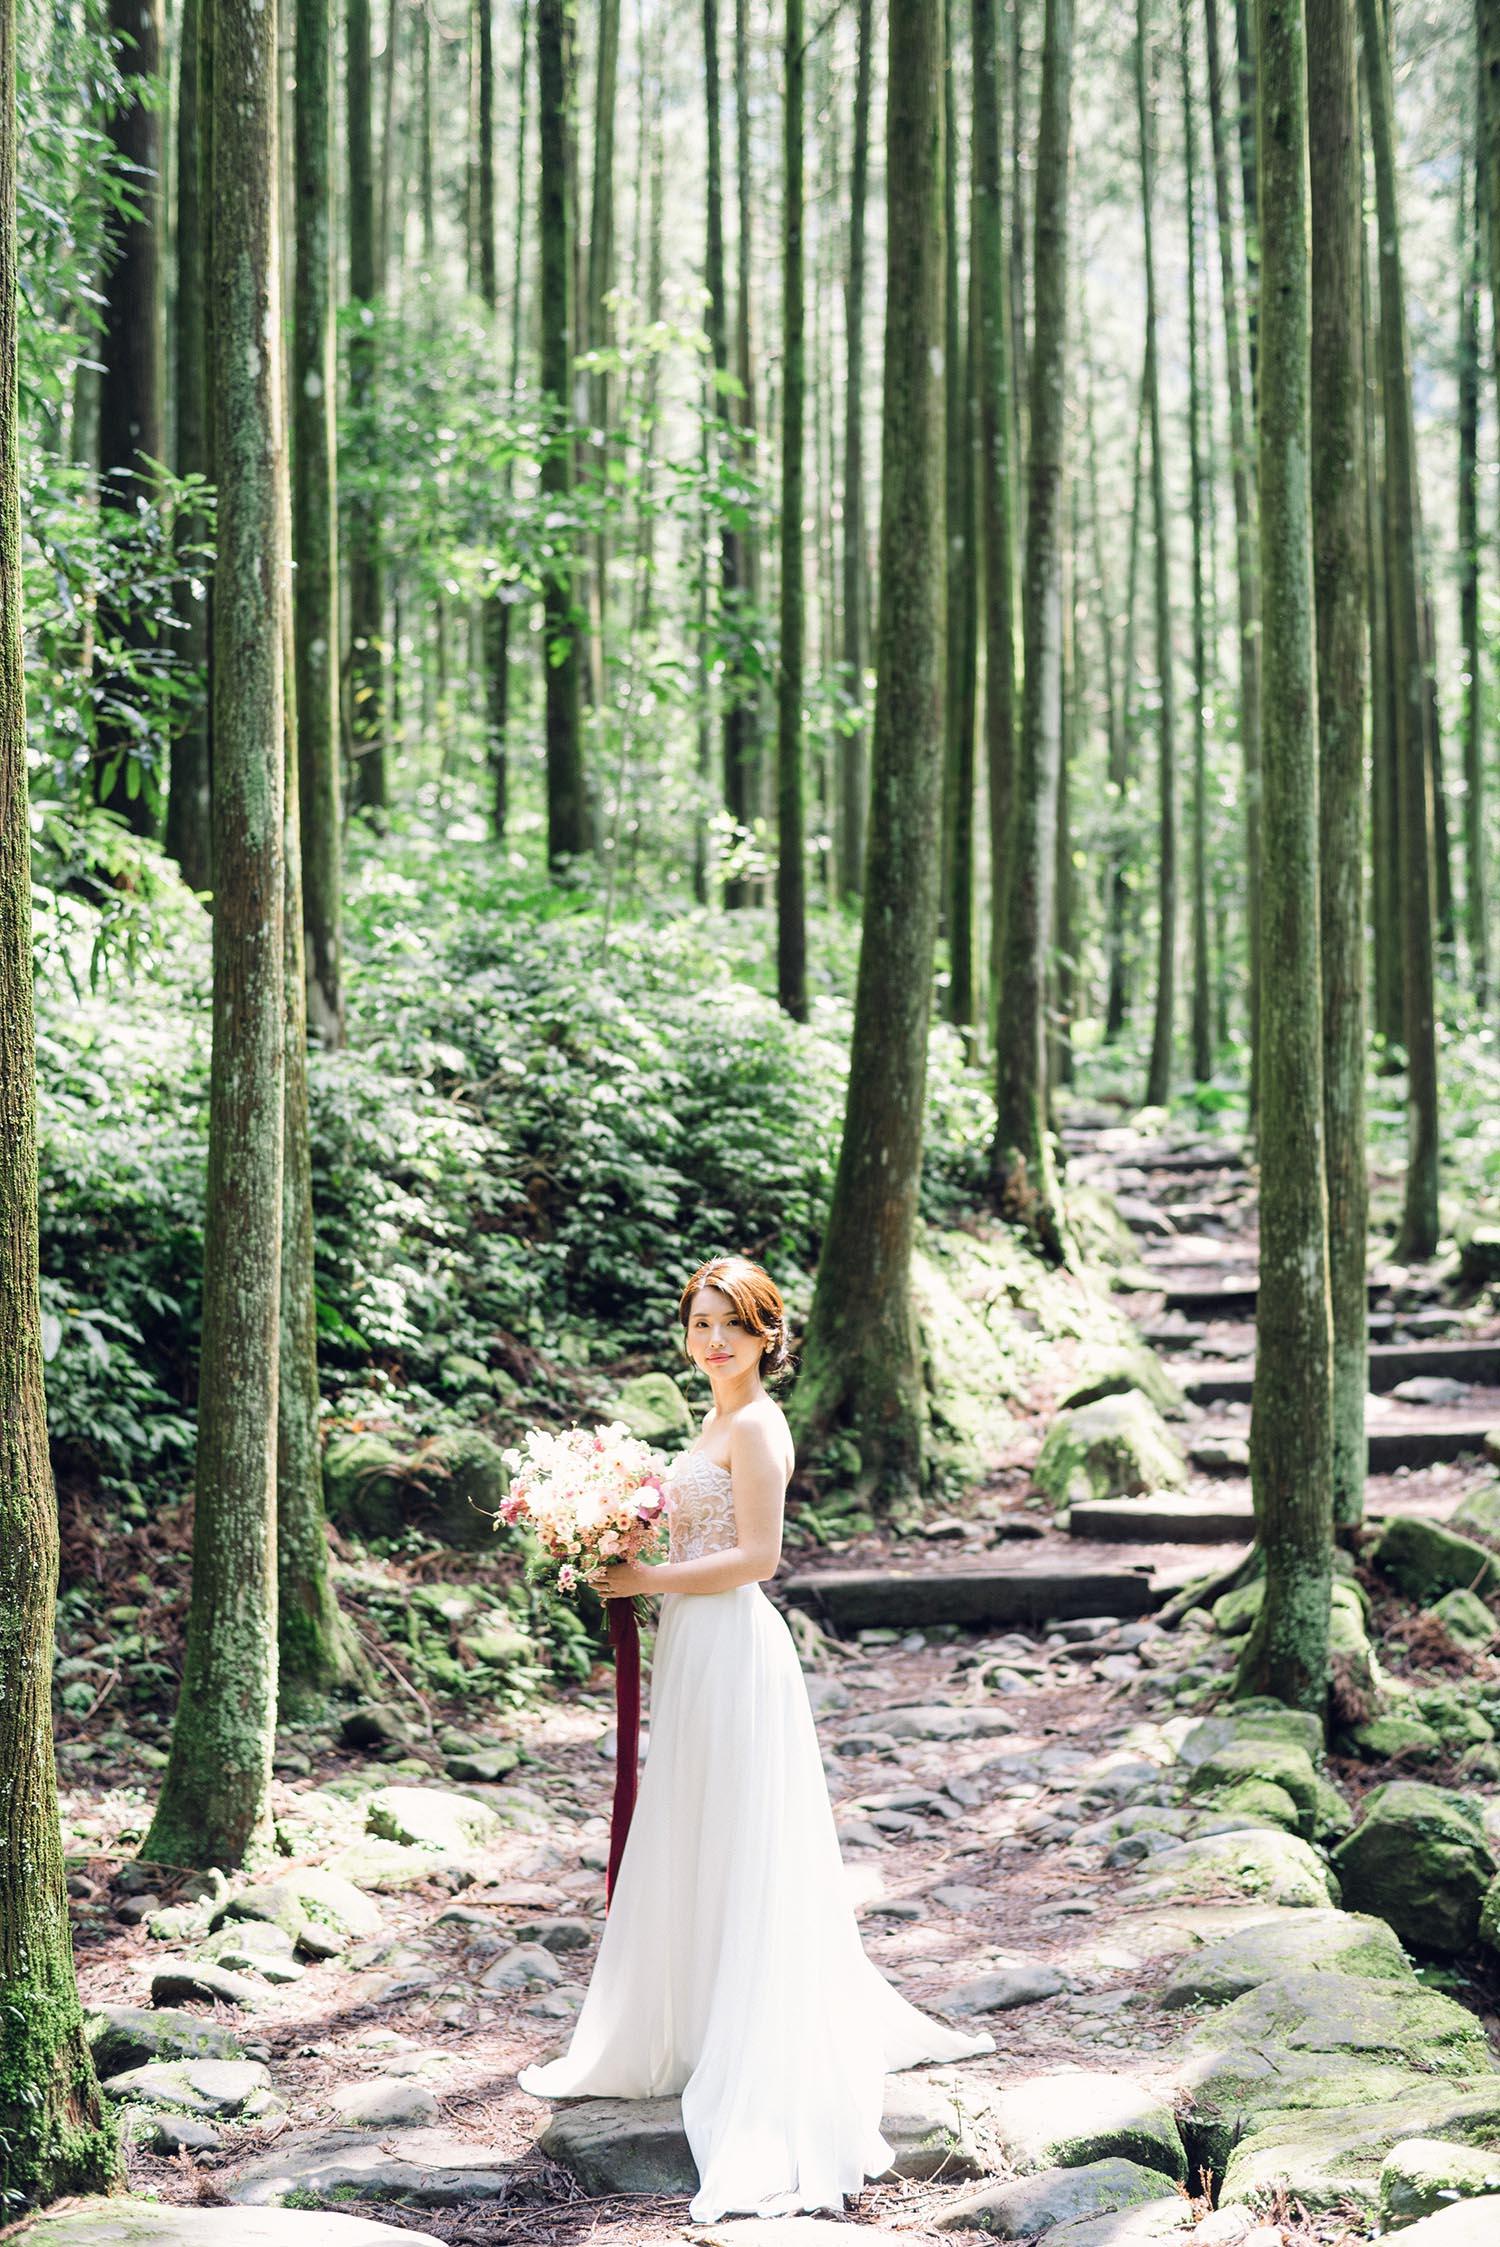 旅遊婚紗 森林-